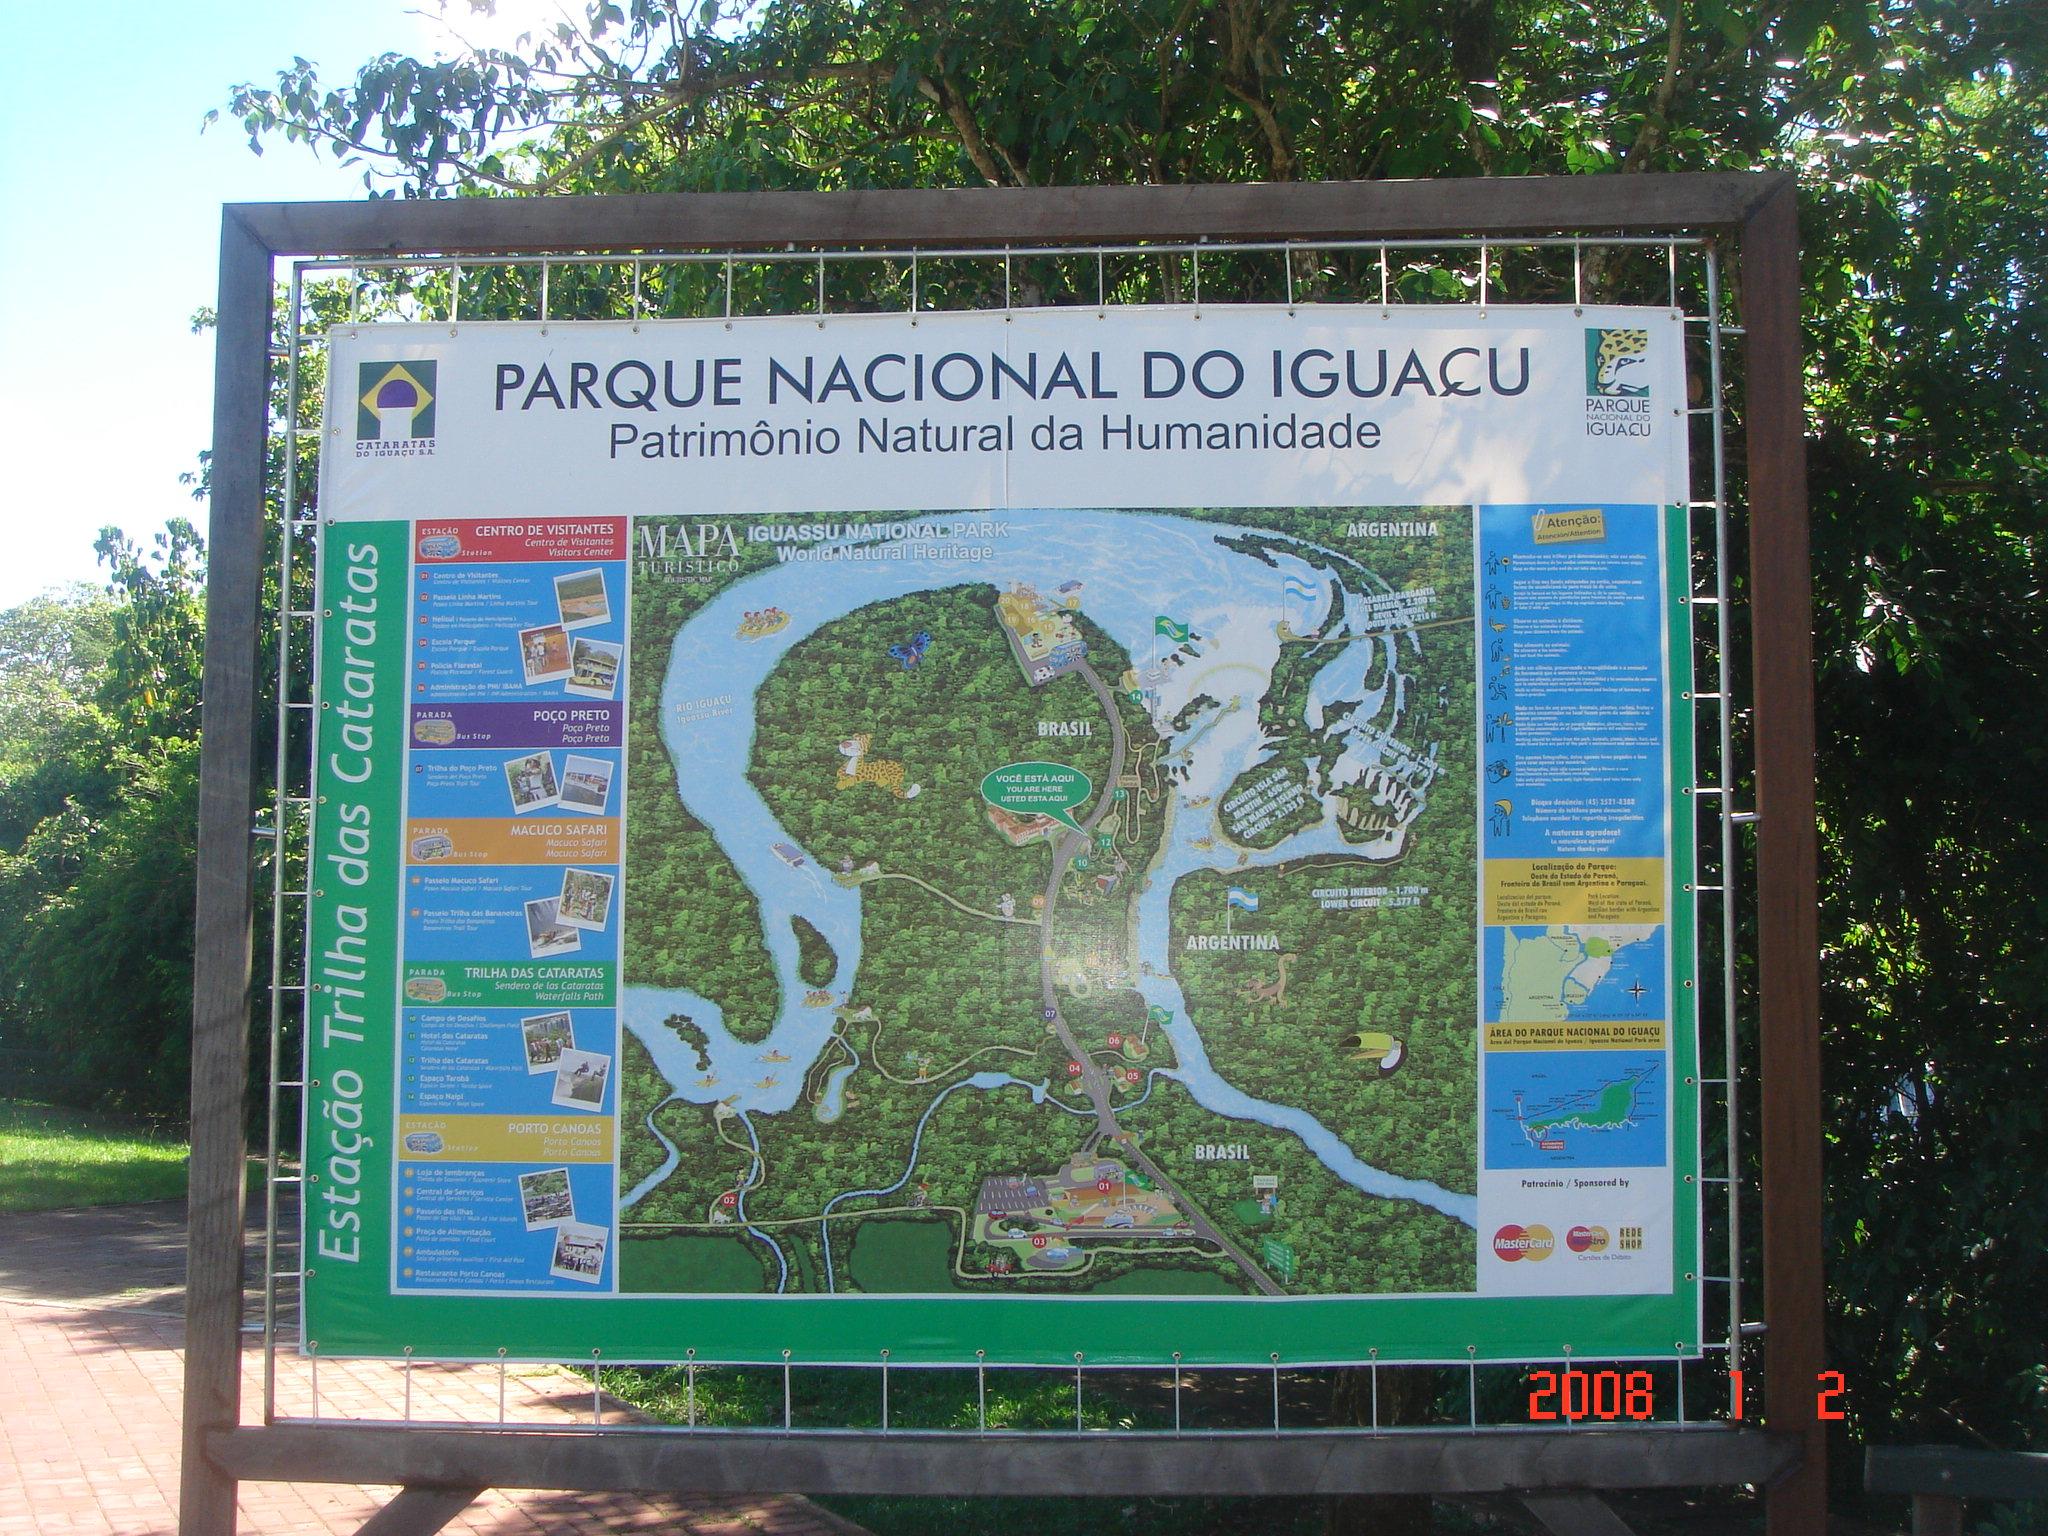 イグアス国立公園 (アルゼンチン)の画像 p1_39